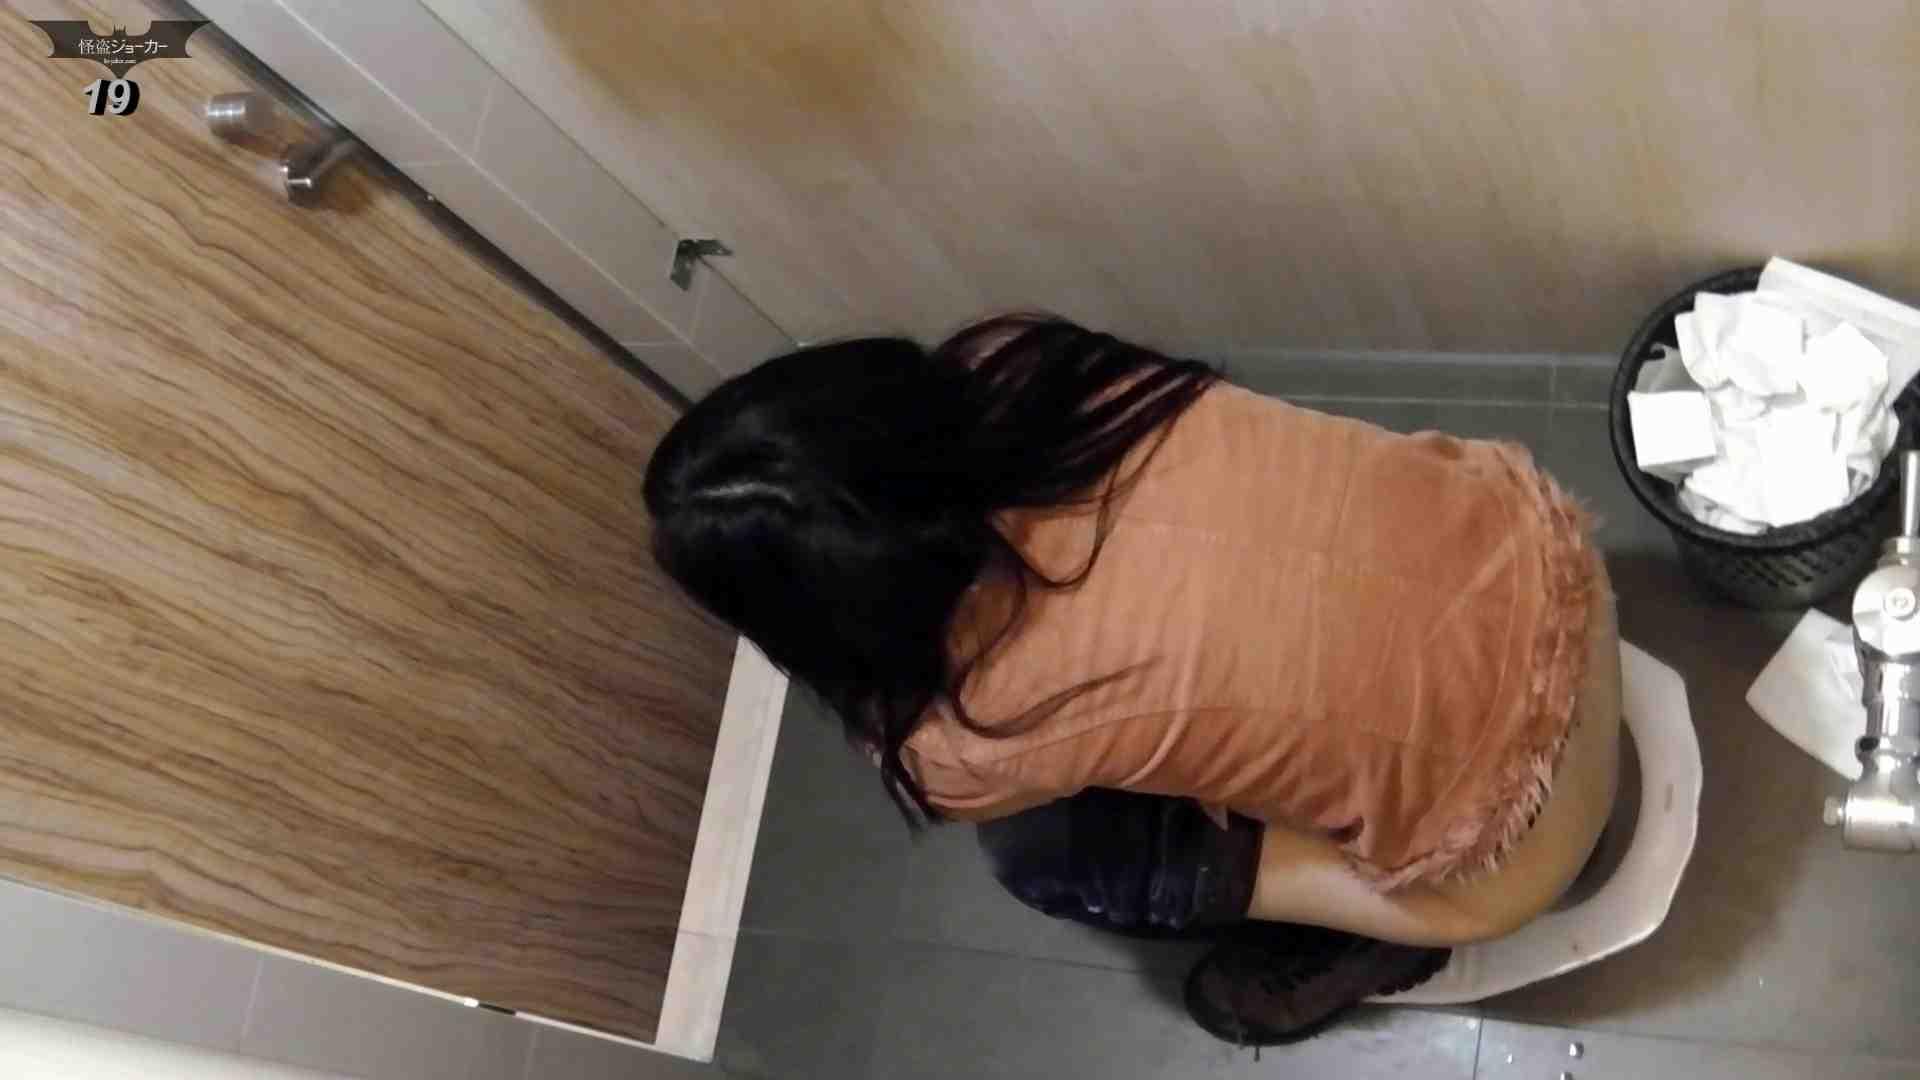 阿国ちゃんの「和式洋式七変化」 (NEW)19 「雫」はしっかりと切るんです! 洗面所シーン  86画像 84